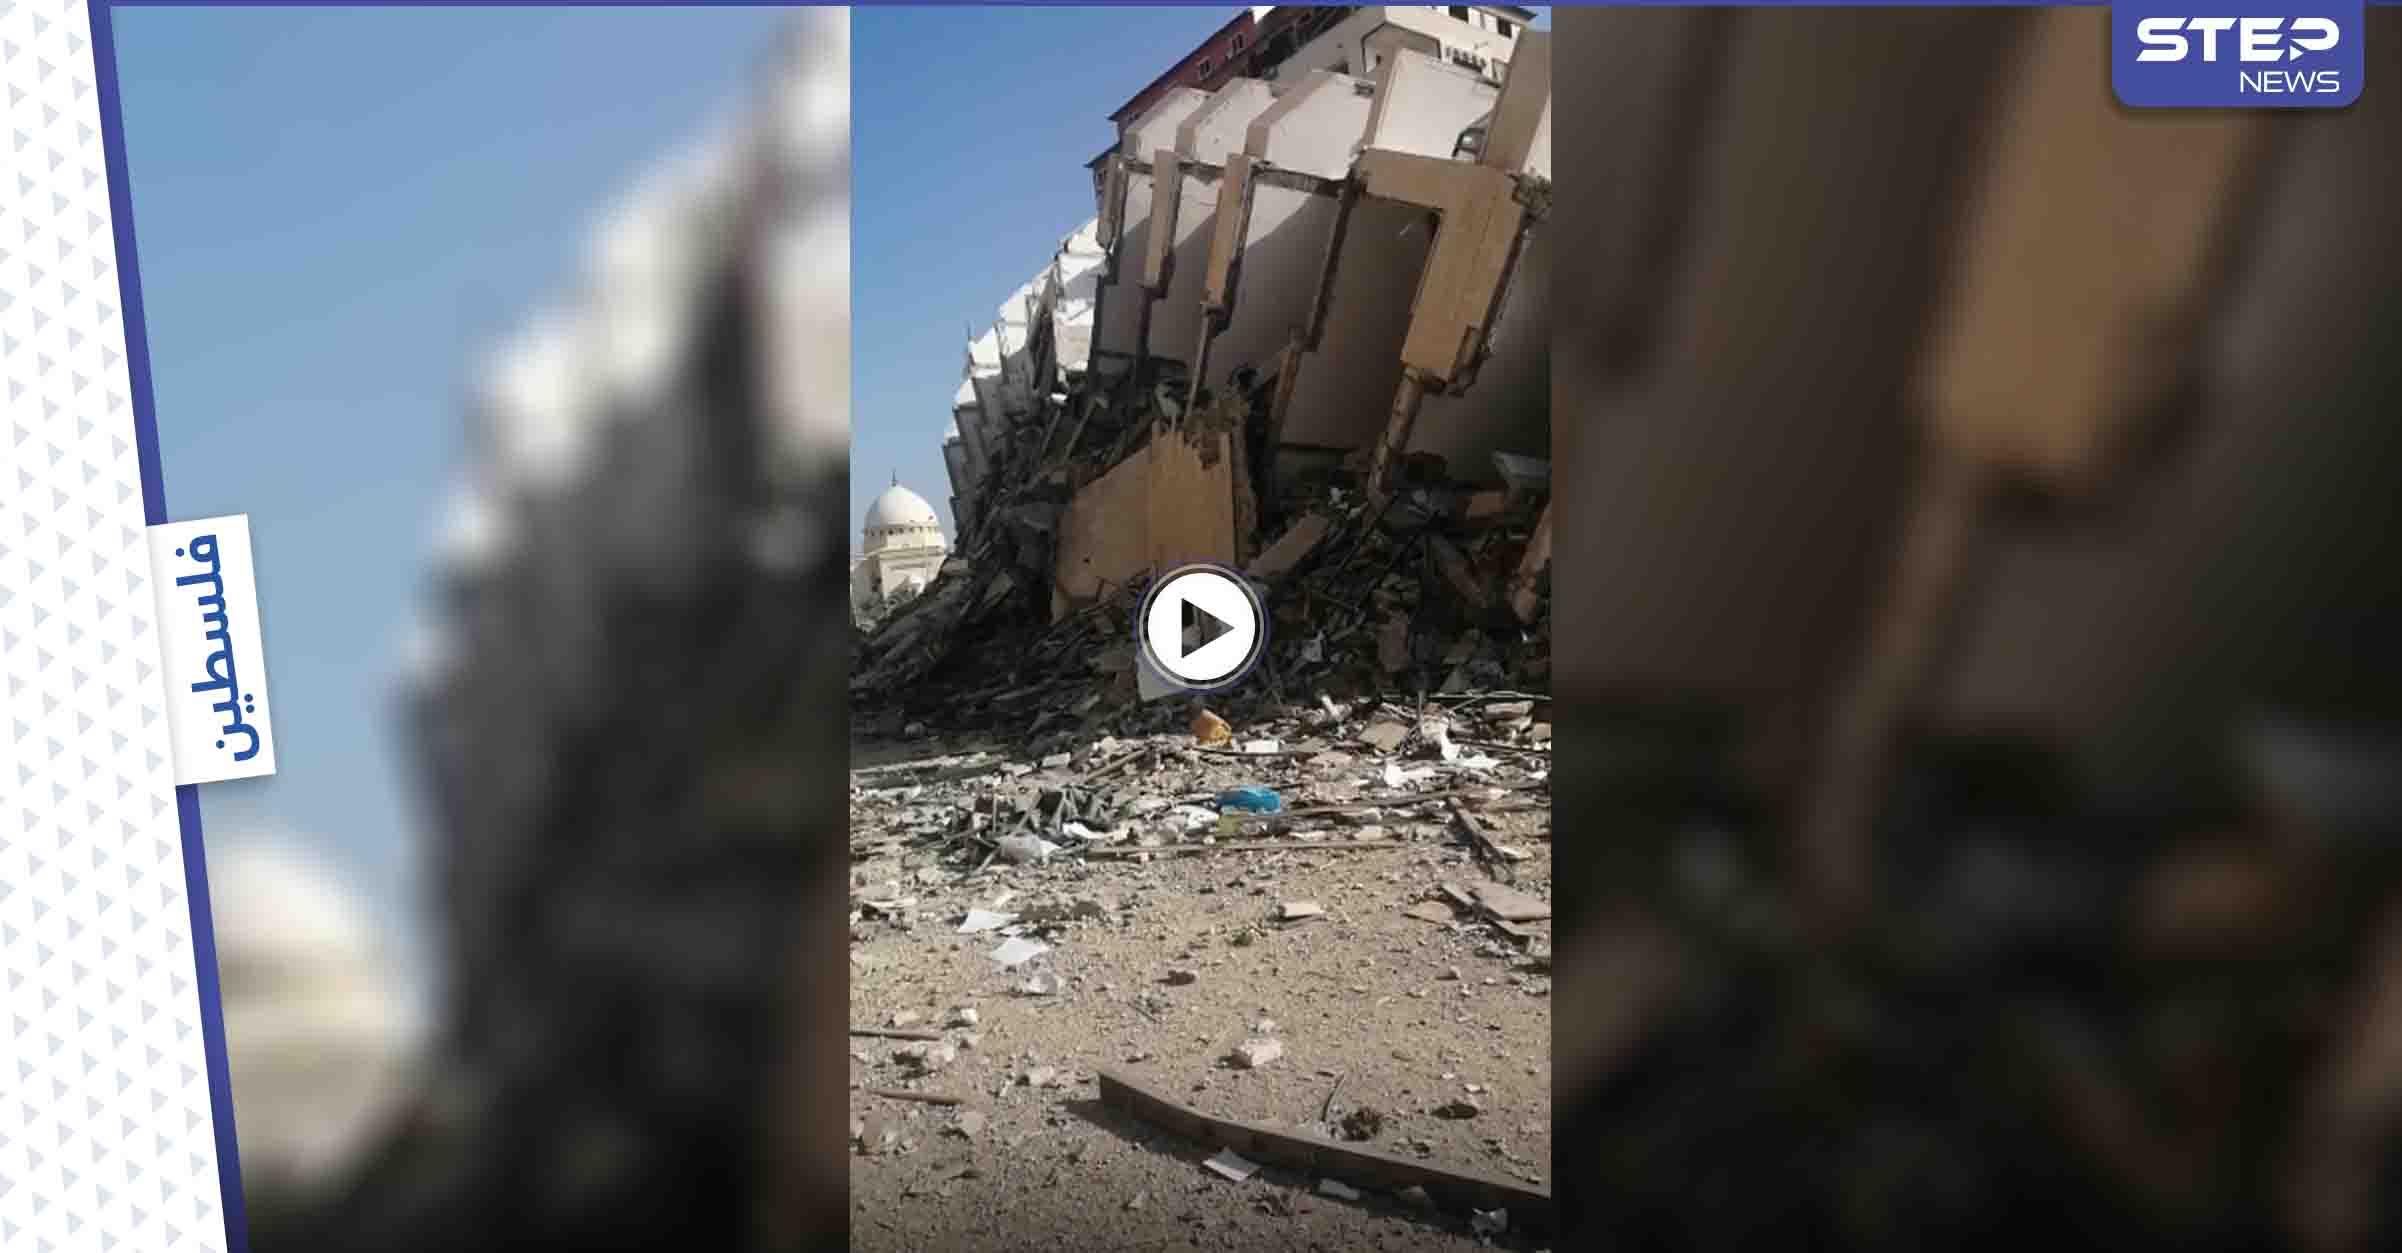 دون إنذار.. الاحتلال الإسرائيلي يقصف منازل المدنيين في غزة ومواقع أخرى لحماس (فيديو)